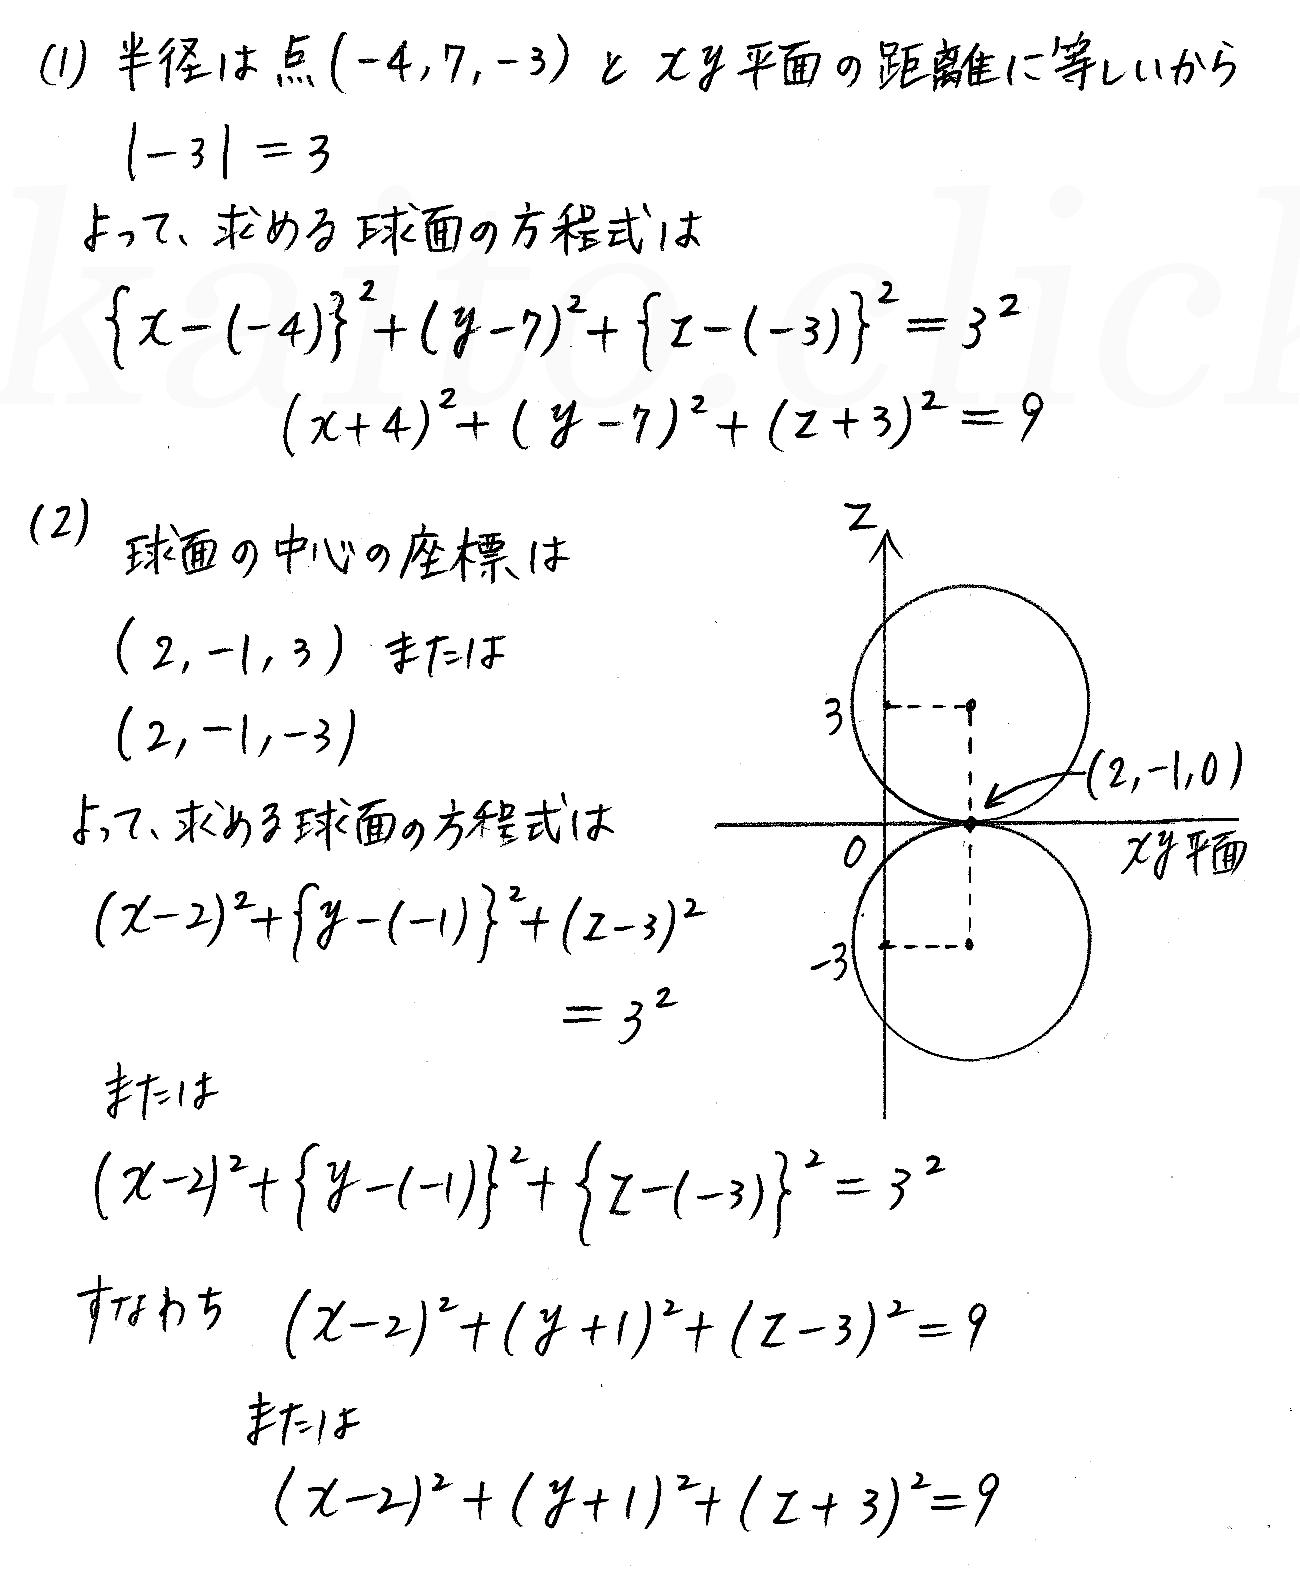 クリアー数学B-130解答